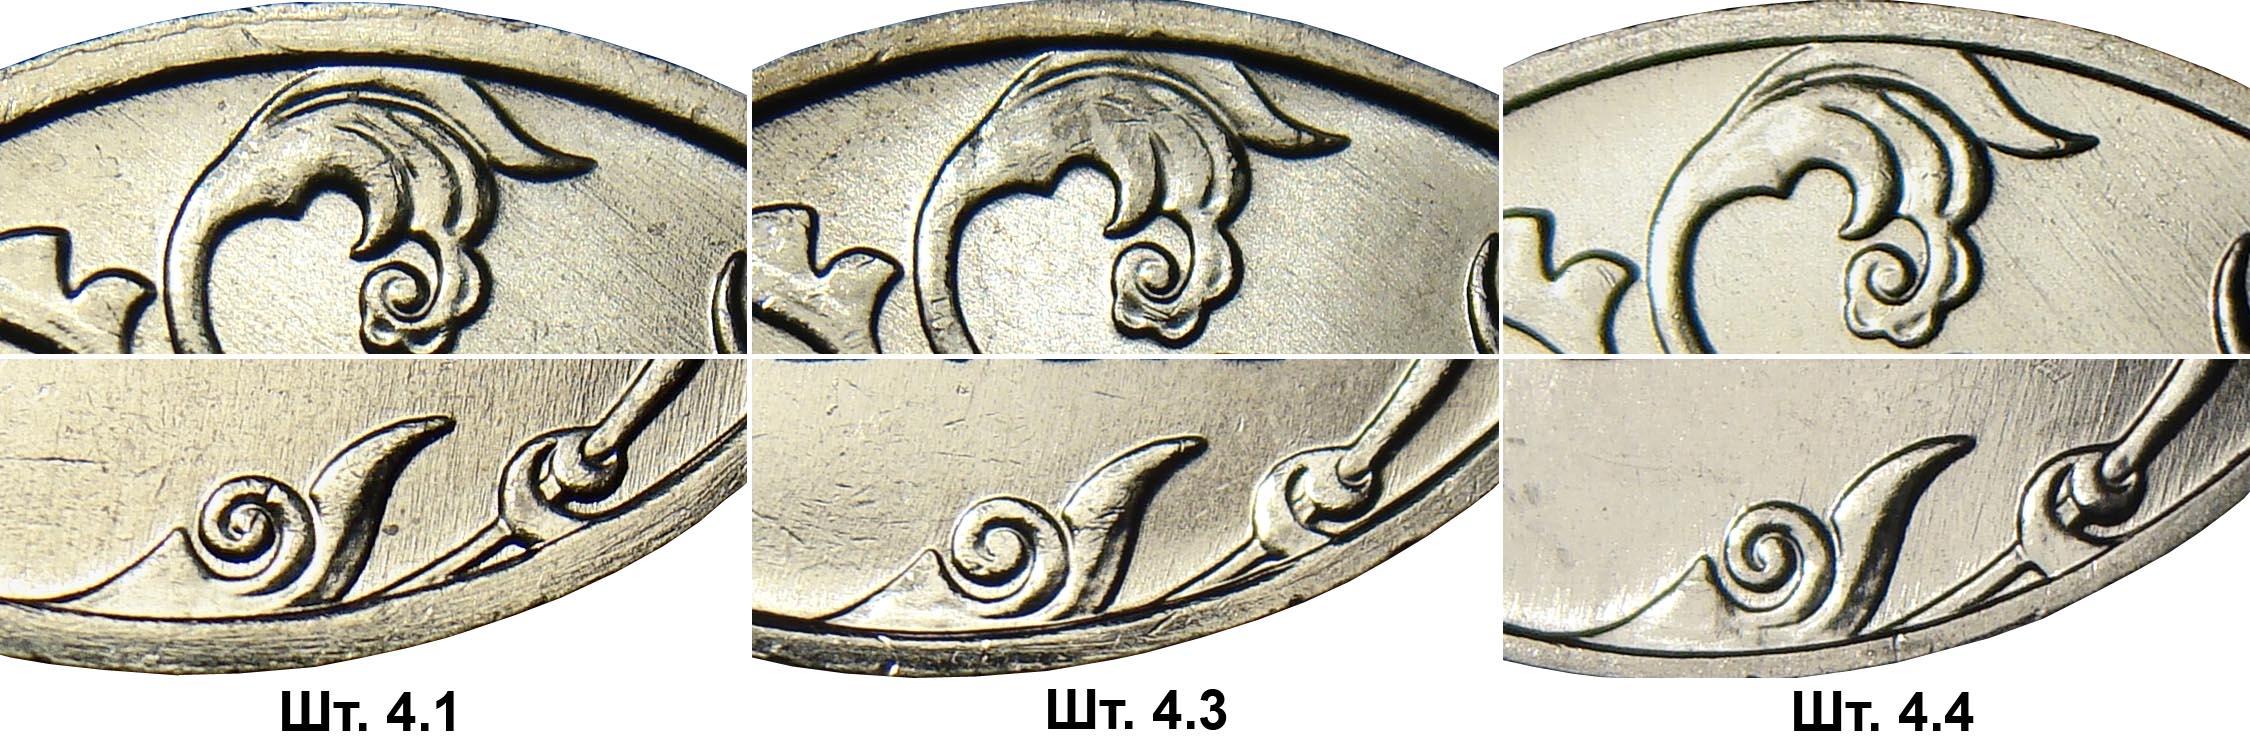 2 рубля современной России, шт.4.1, шт.4.3 и шт.4.4 по АС